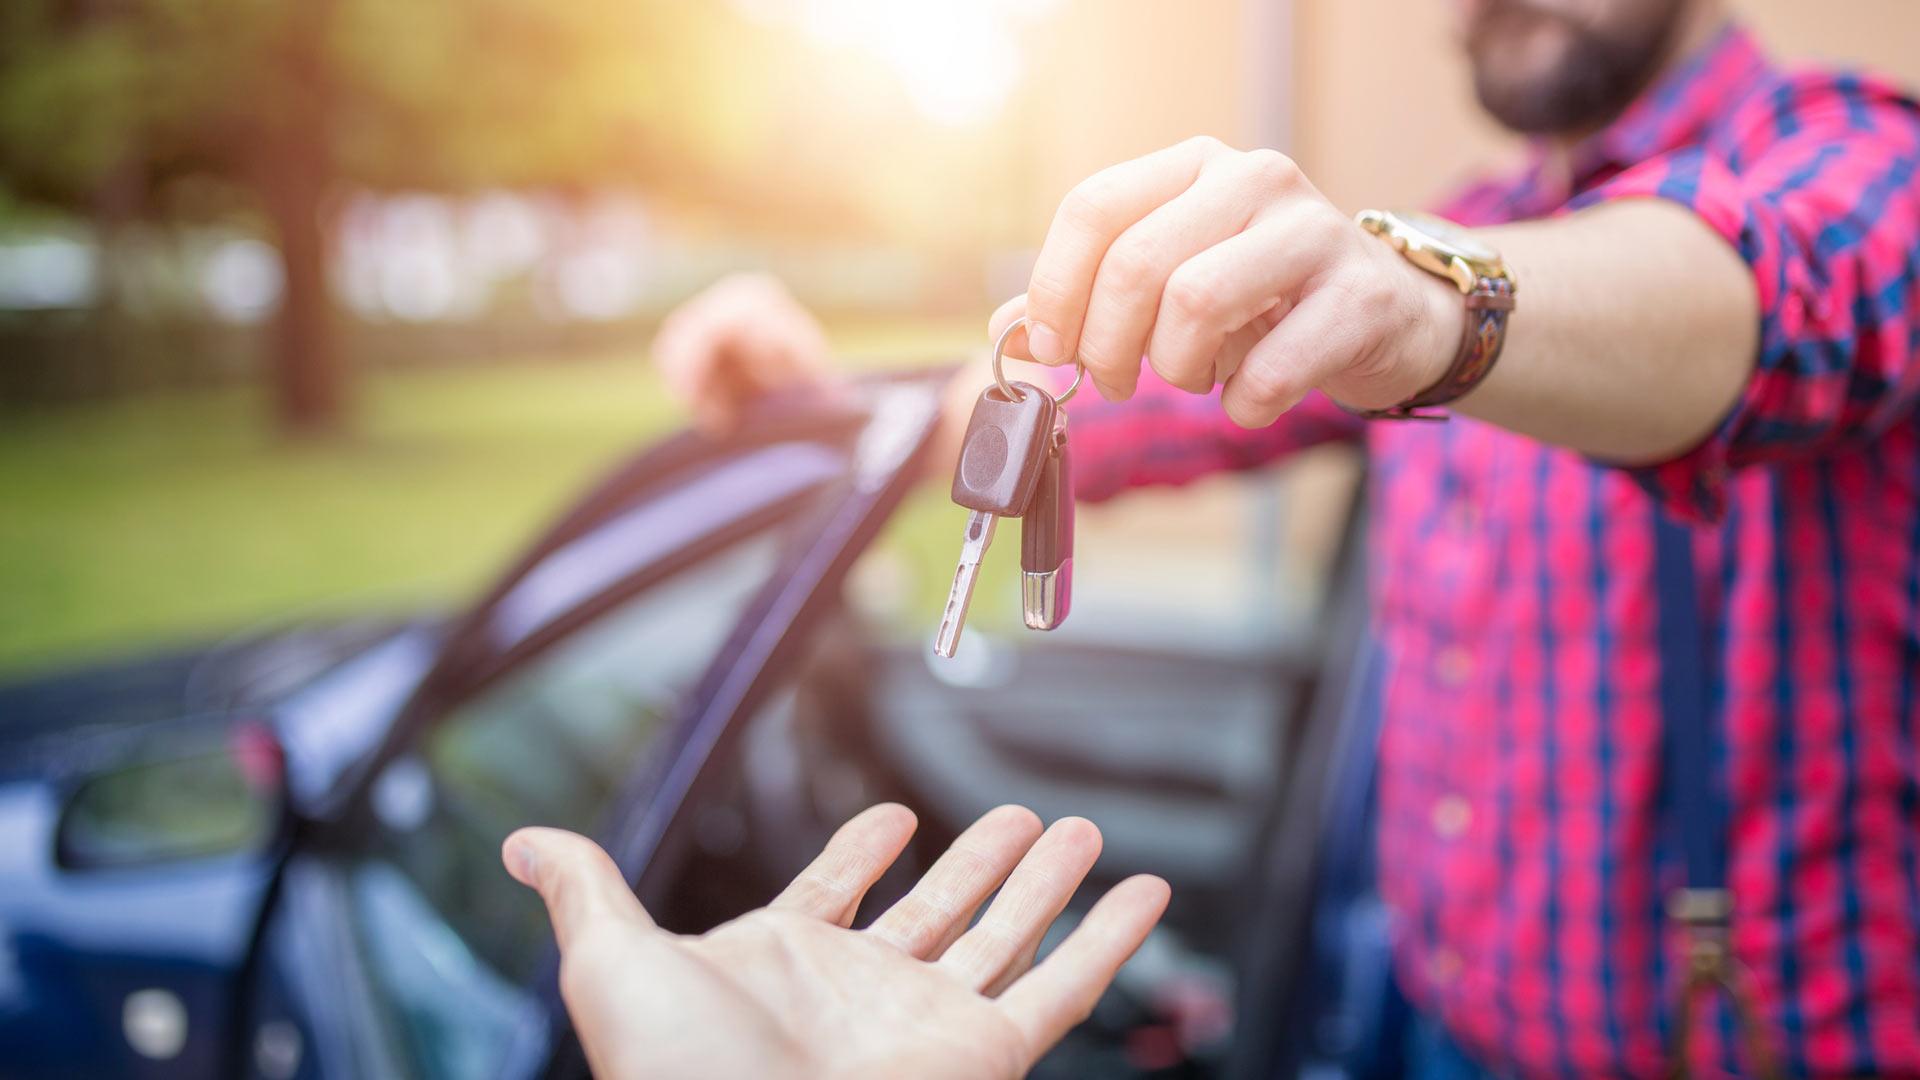 Voinko lahjoittaa autoni lapsenlapselleni ilman veroseuraamuksia?